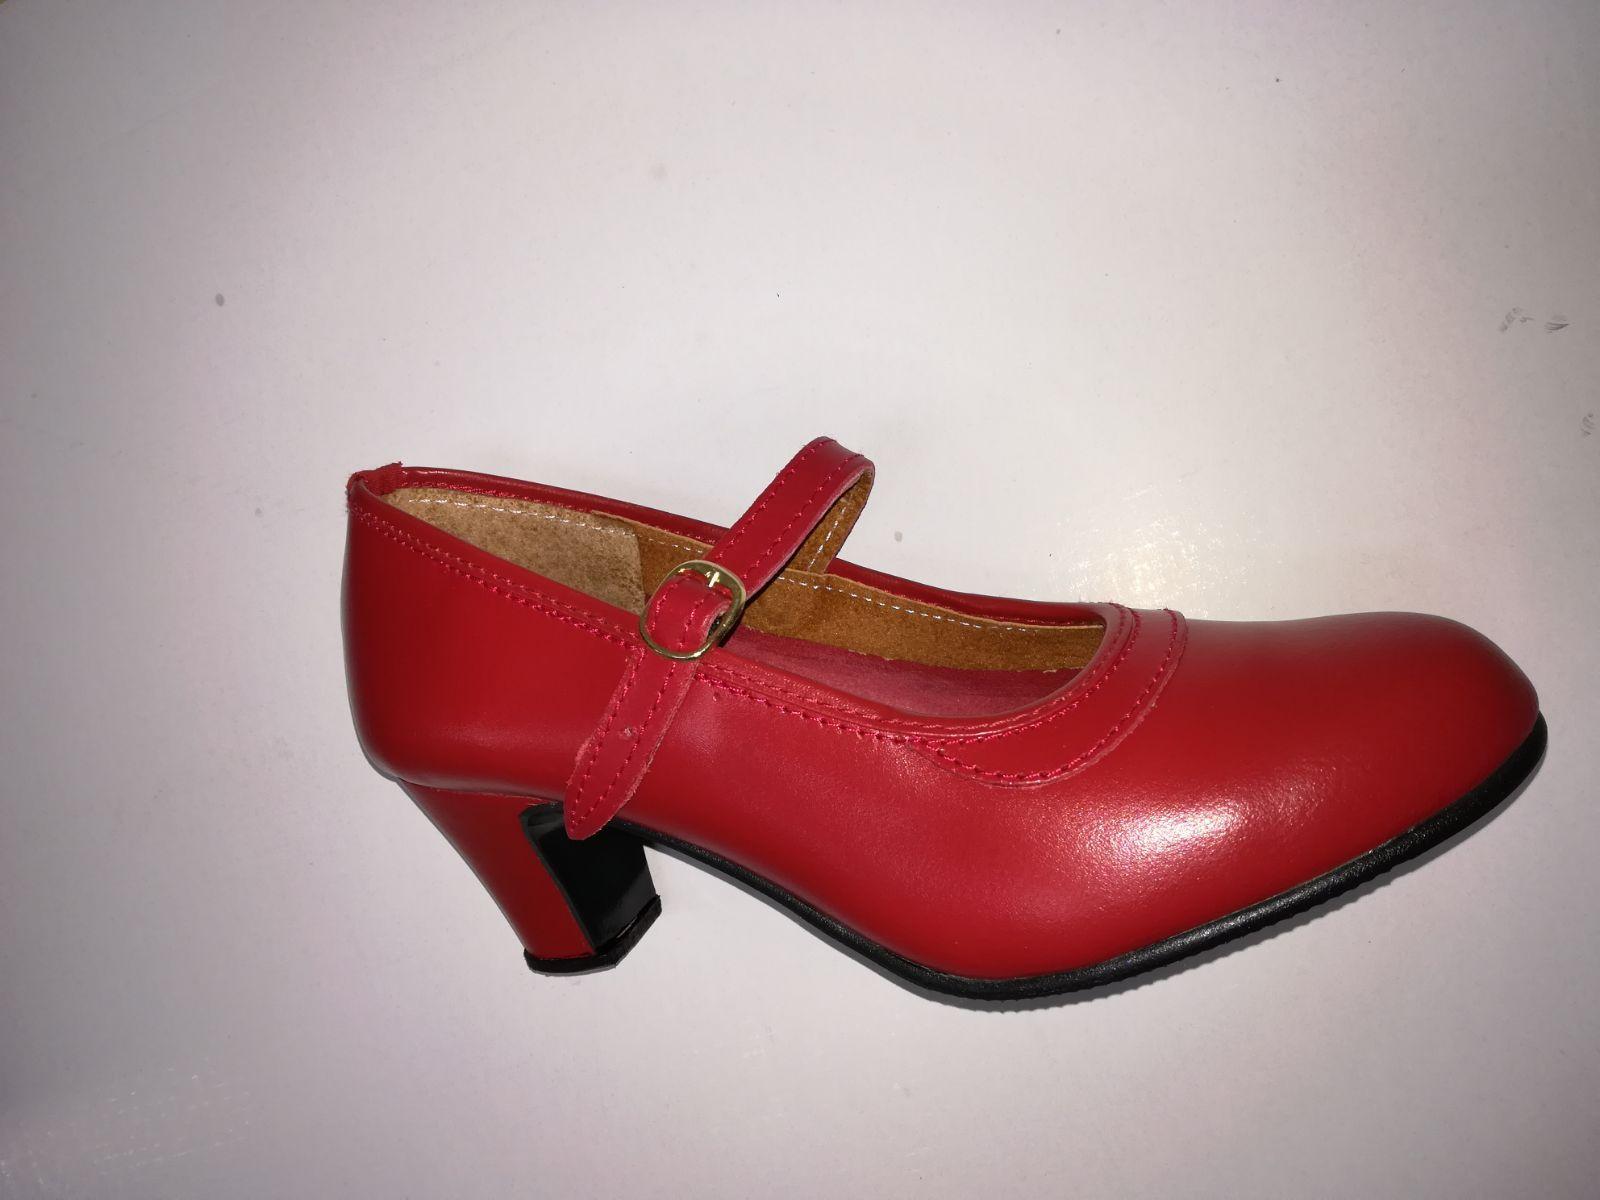 Zapato rojo piel: Productos de Calzados Malaca